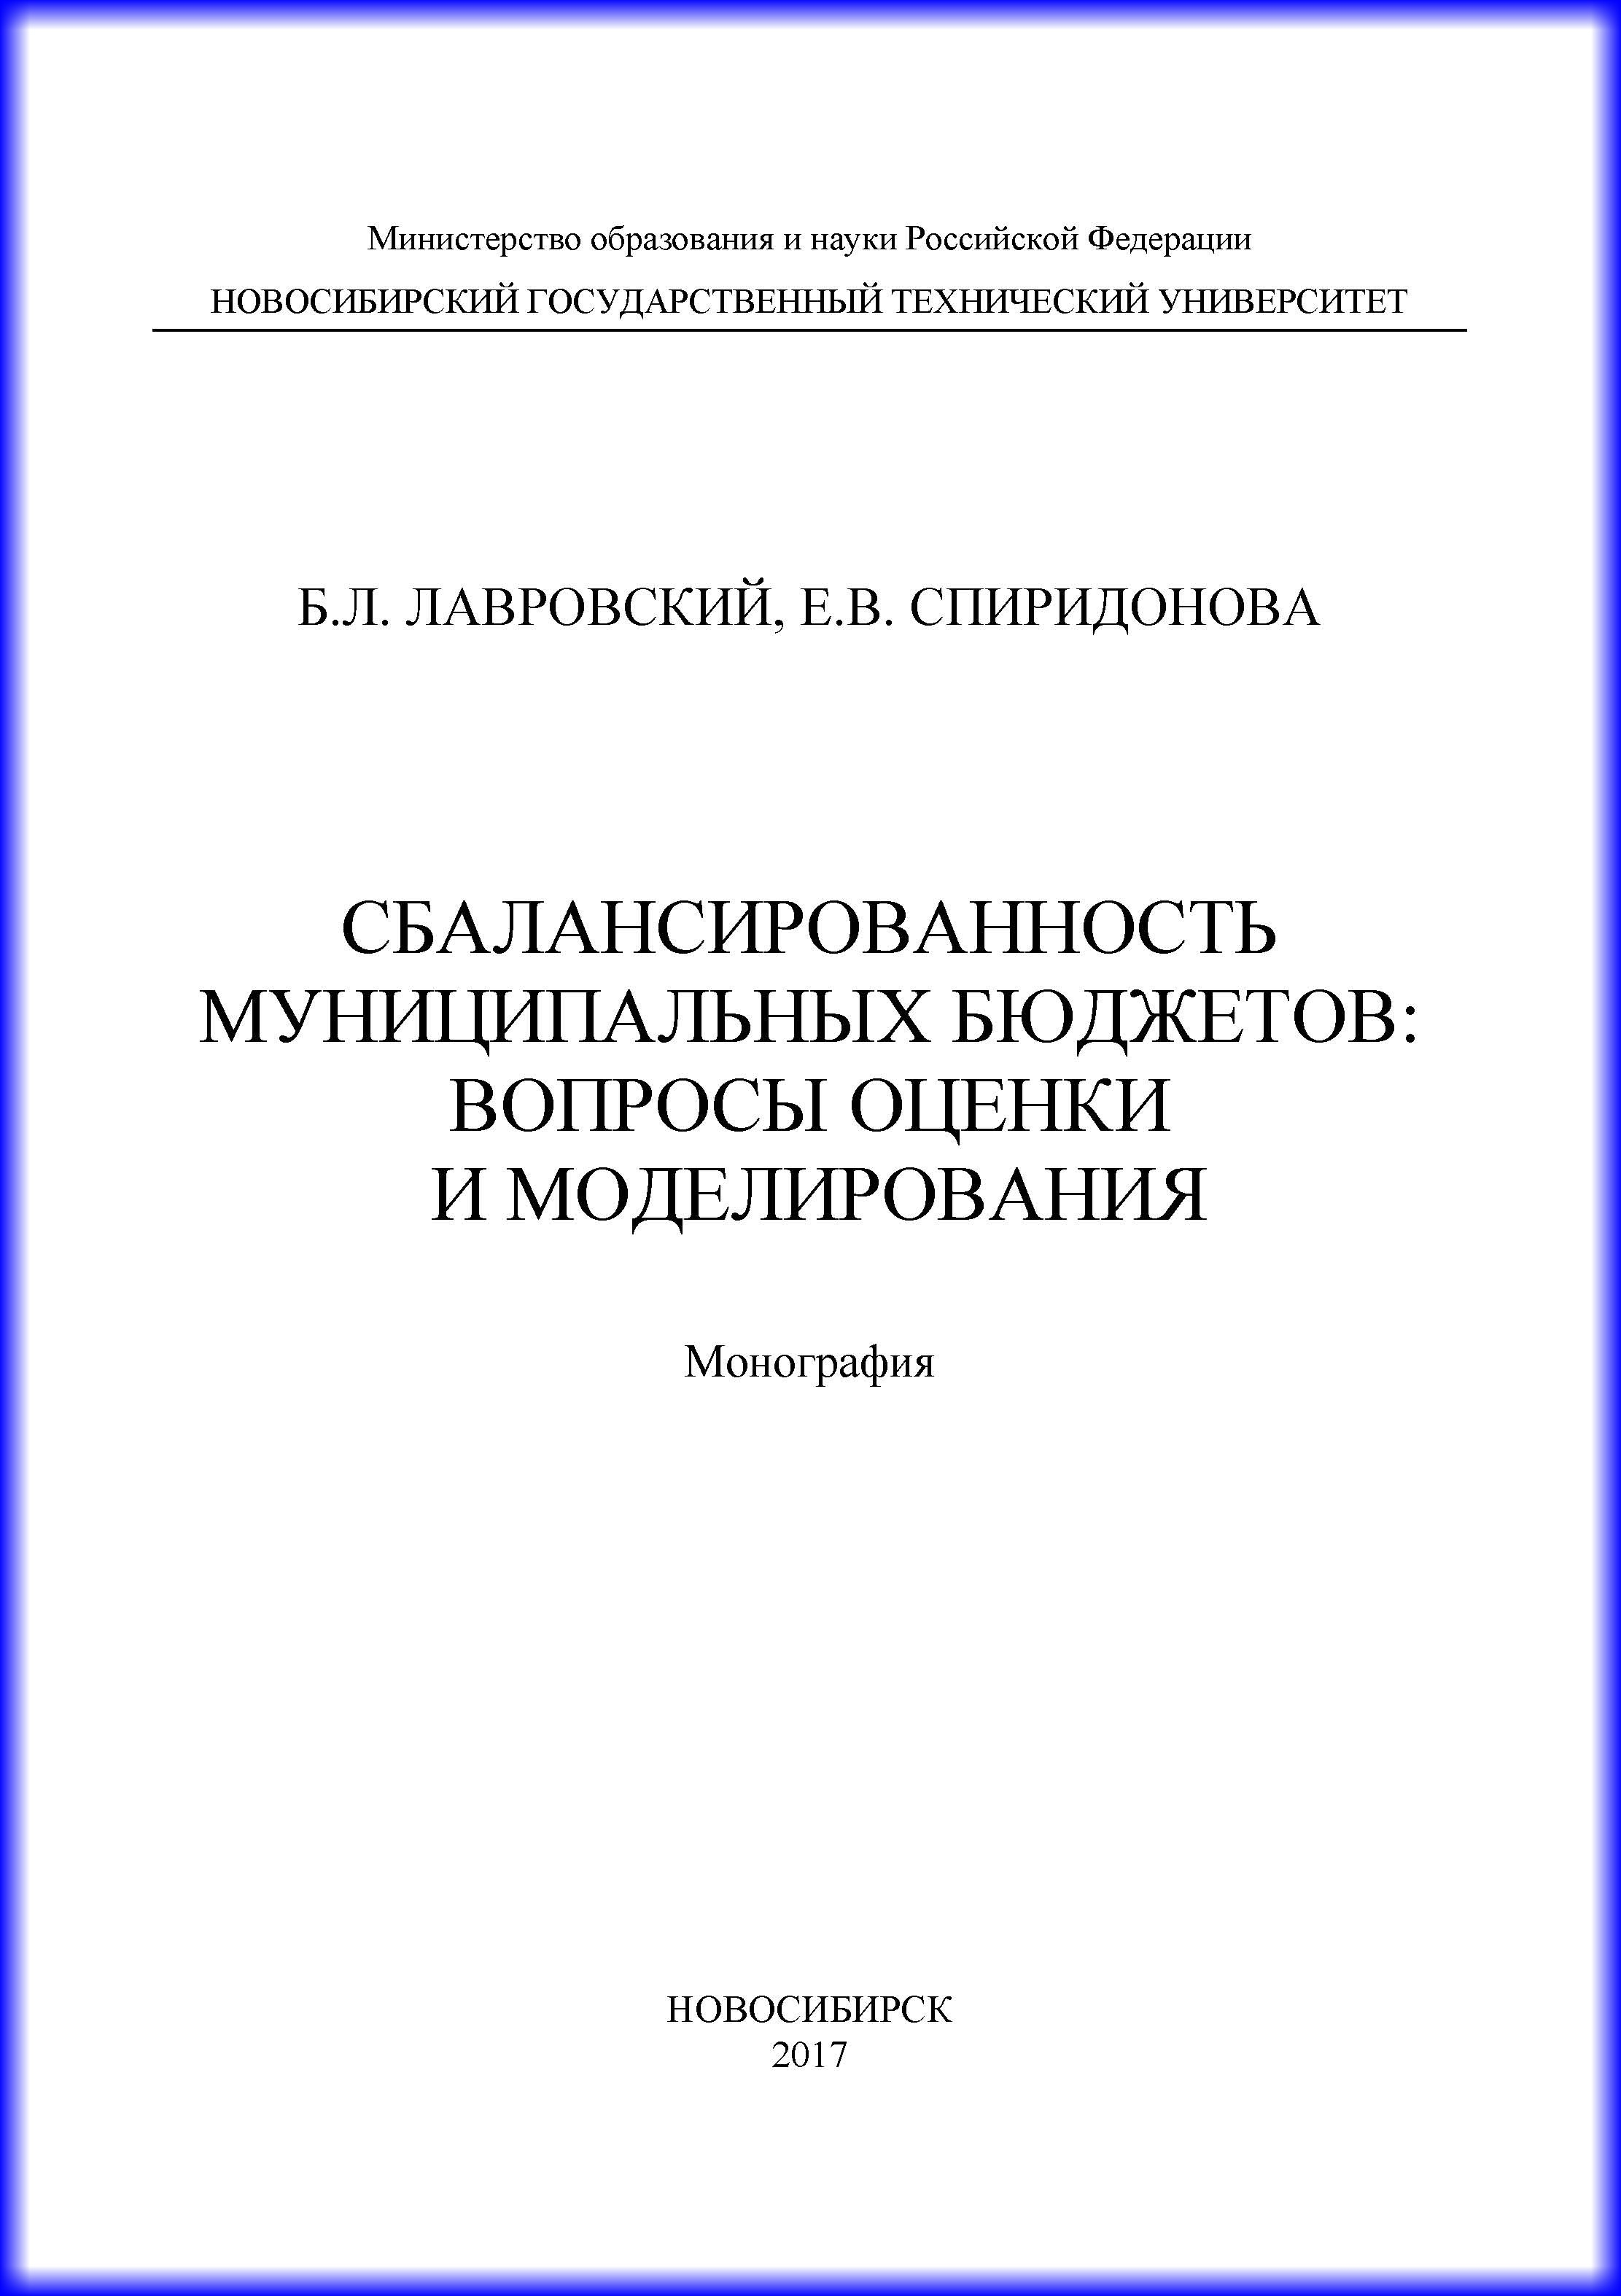 Б. Л. Лавровский Сбалансированность муниципальных бюджетов: вопросы оценки и моделирования логика оценки статистических гипотез